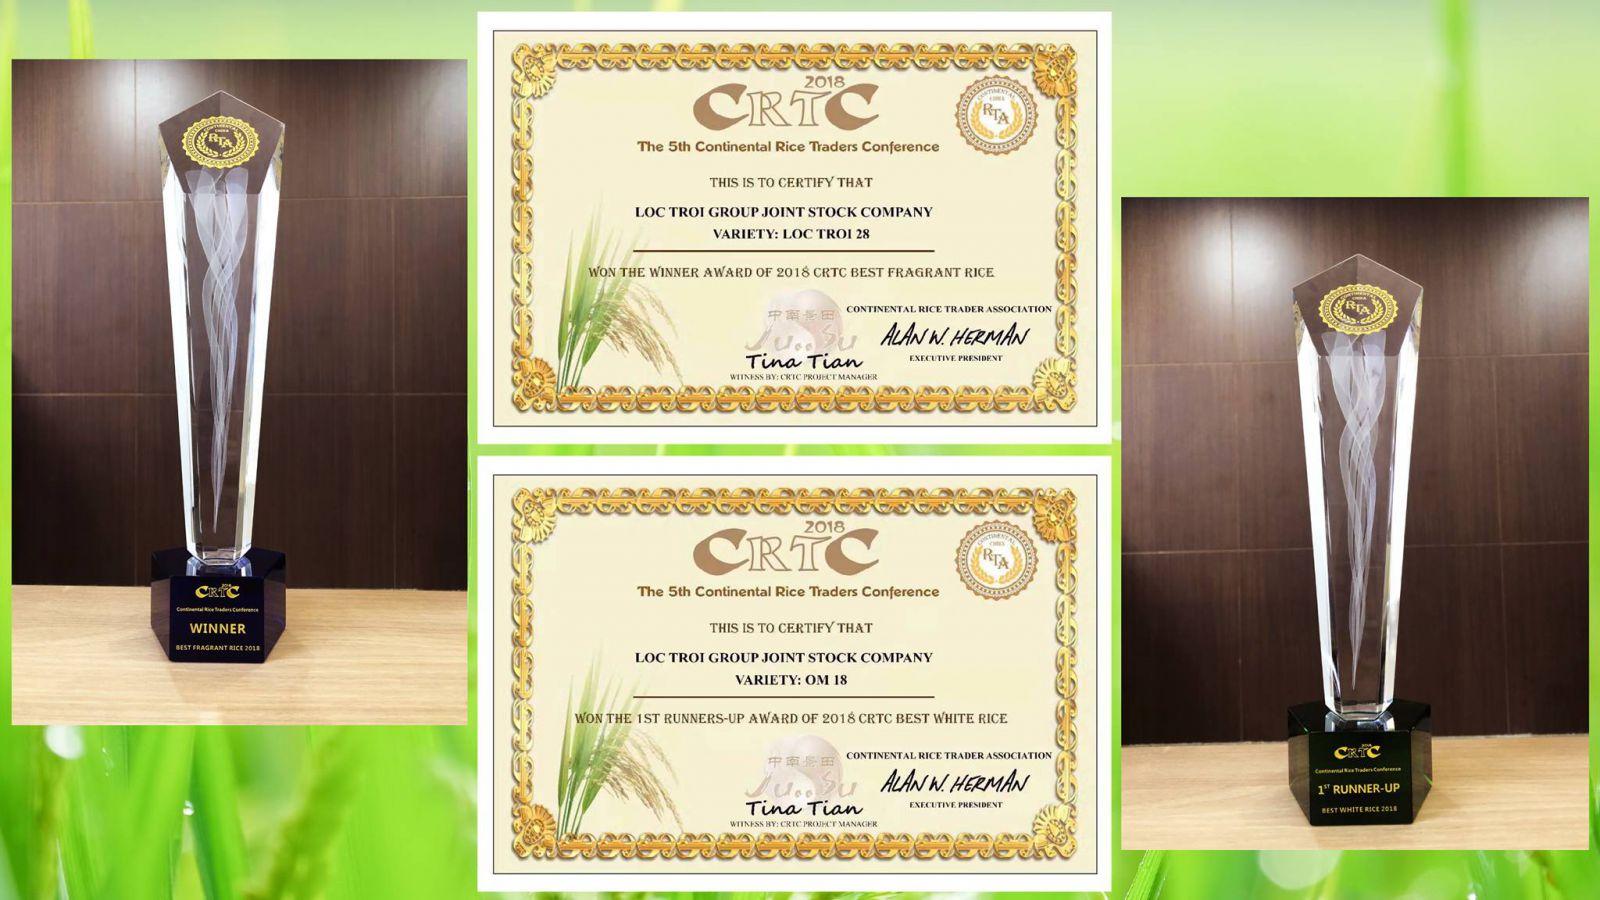 Giải Nhất Tại Hội nghị Thương Mại Lúa Gạo Châu Lục